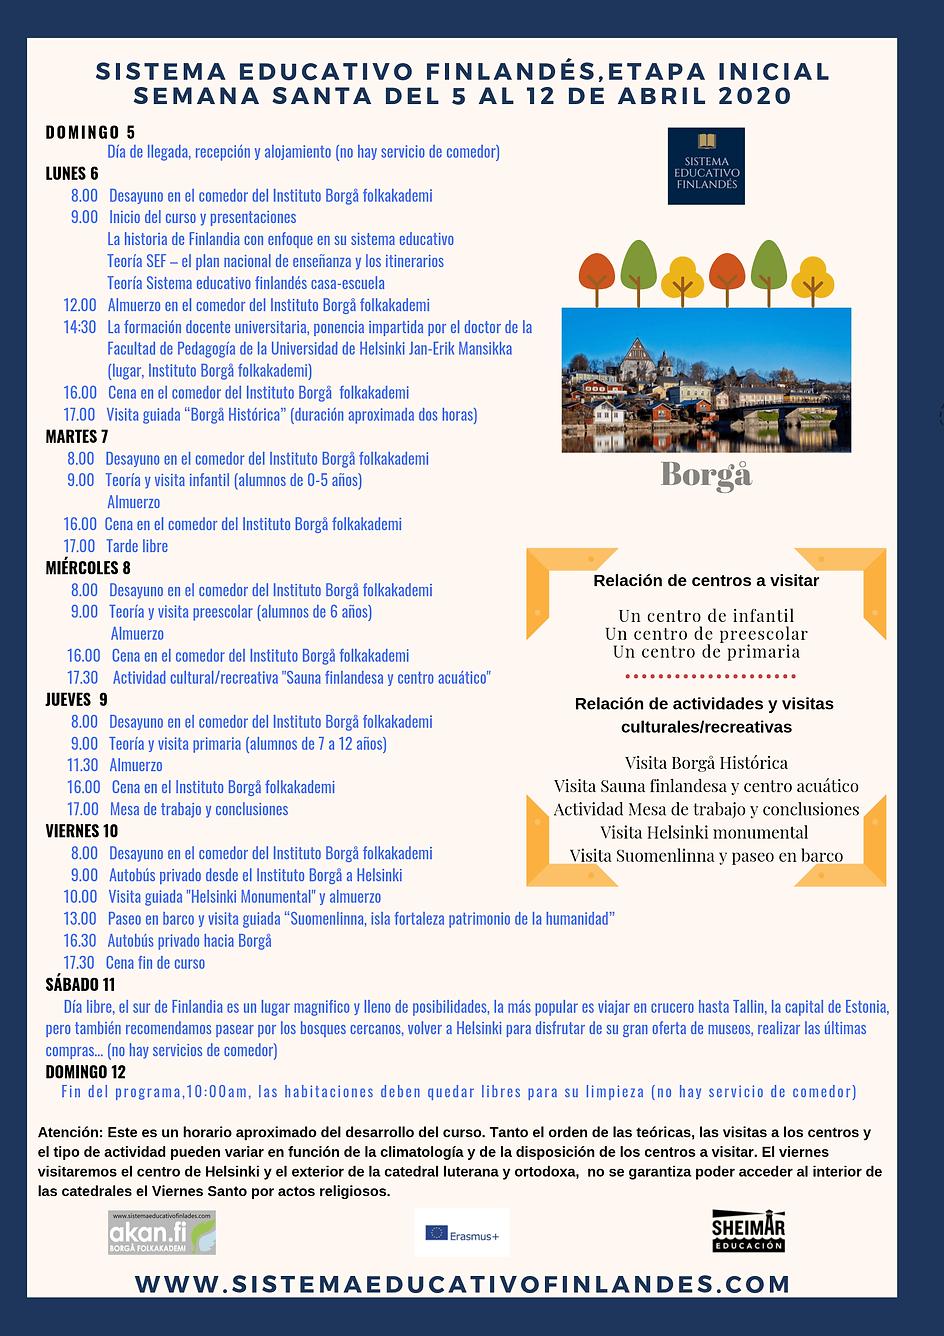 Semana Santa 2020.png